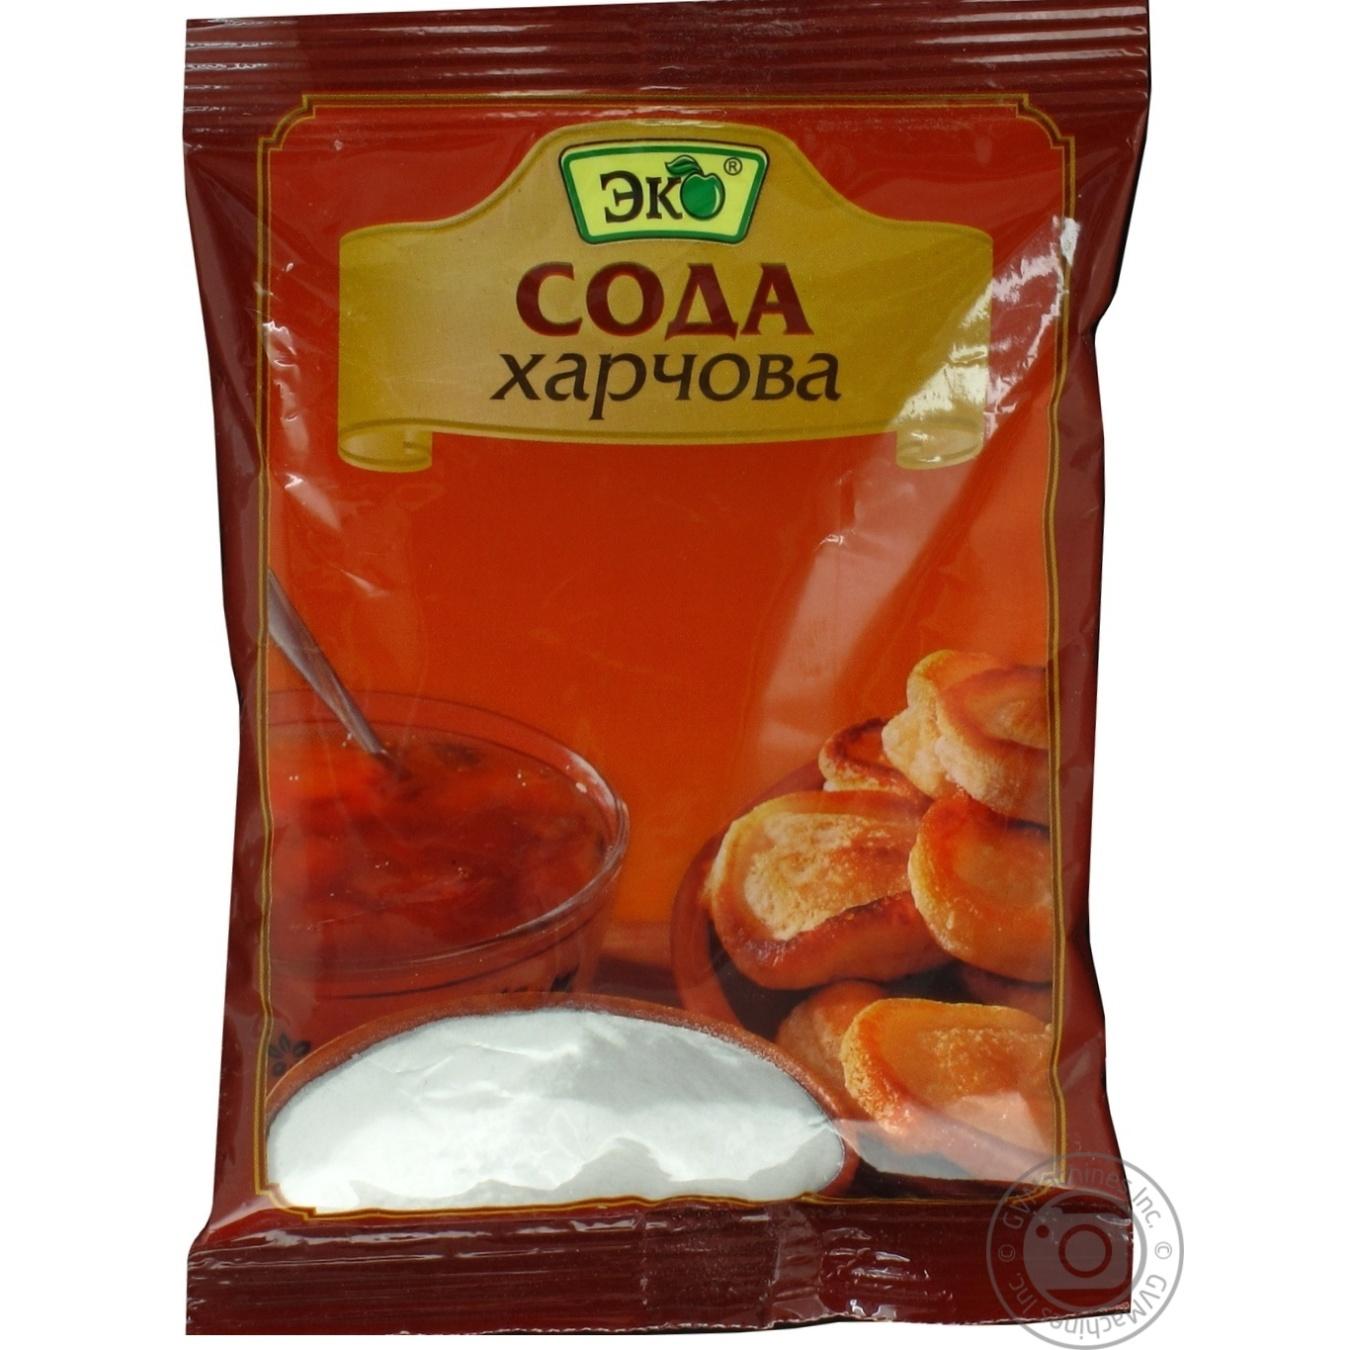 Купить Сода Эко пищевая 200г